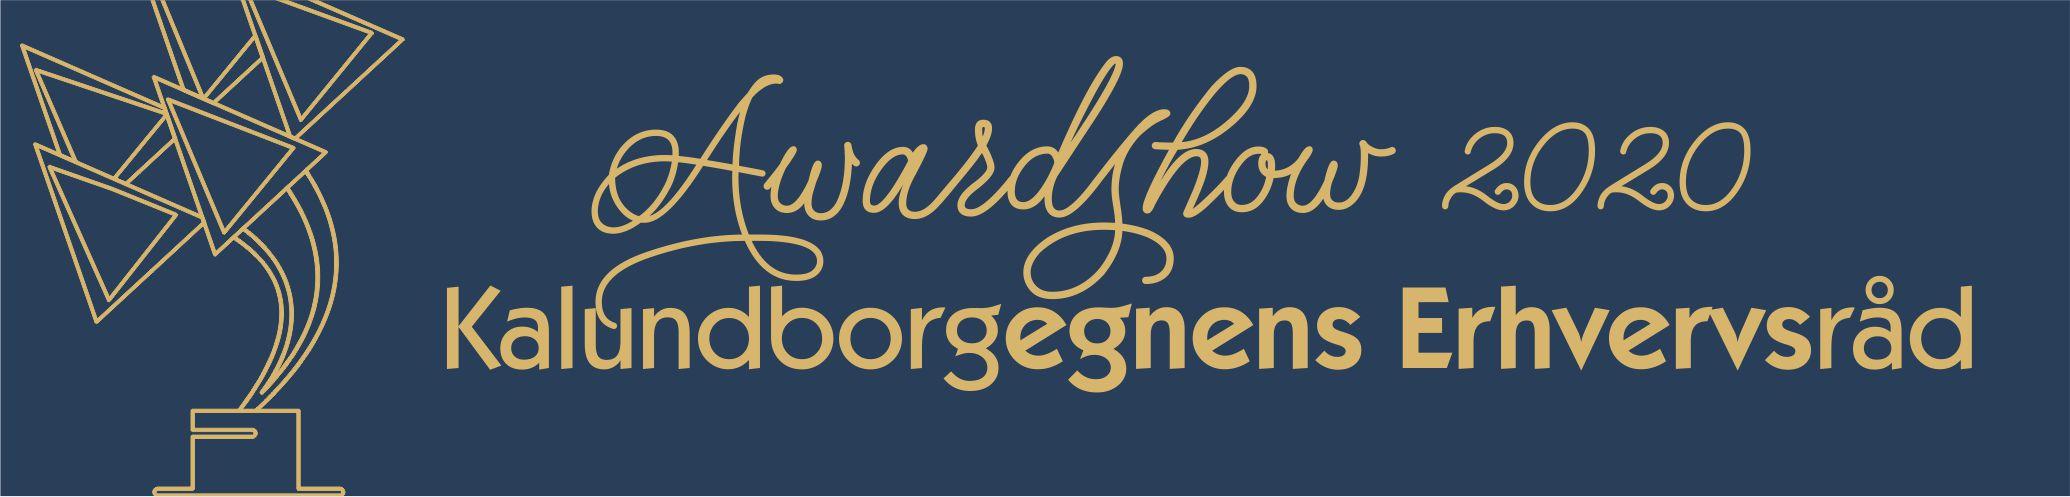 Logo Awardshow 2020